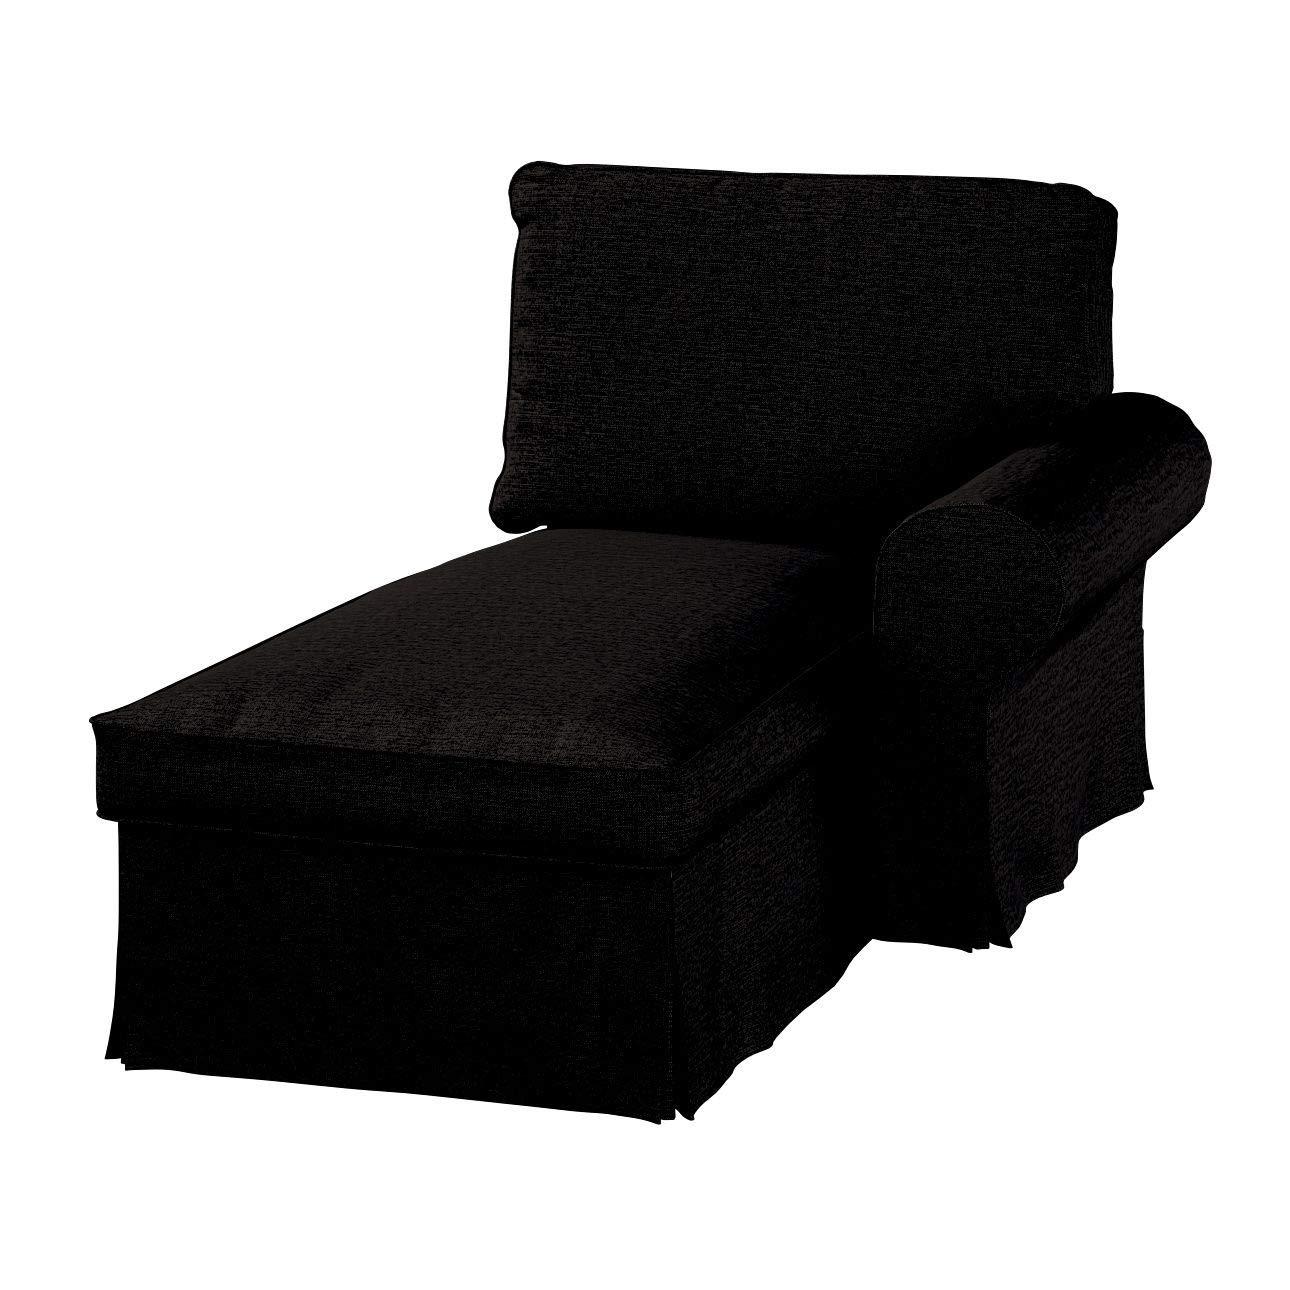 Dekoria Ektorp Bezug für Récamiere rechts Sofahusse passend für IKEA Modell Ektorp schwarz-braun